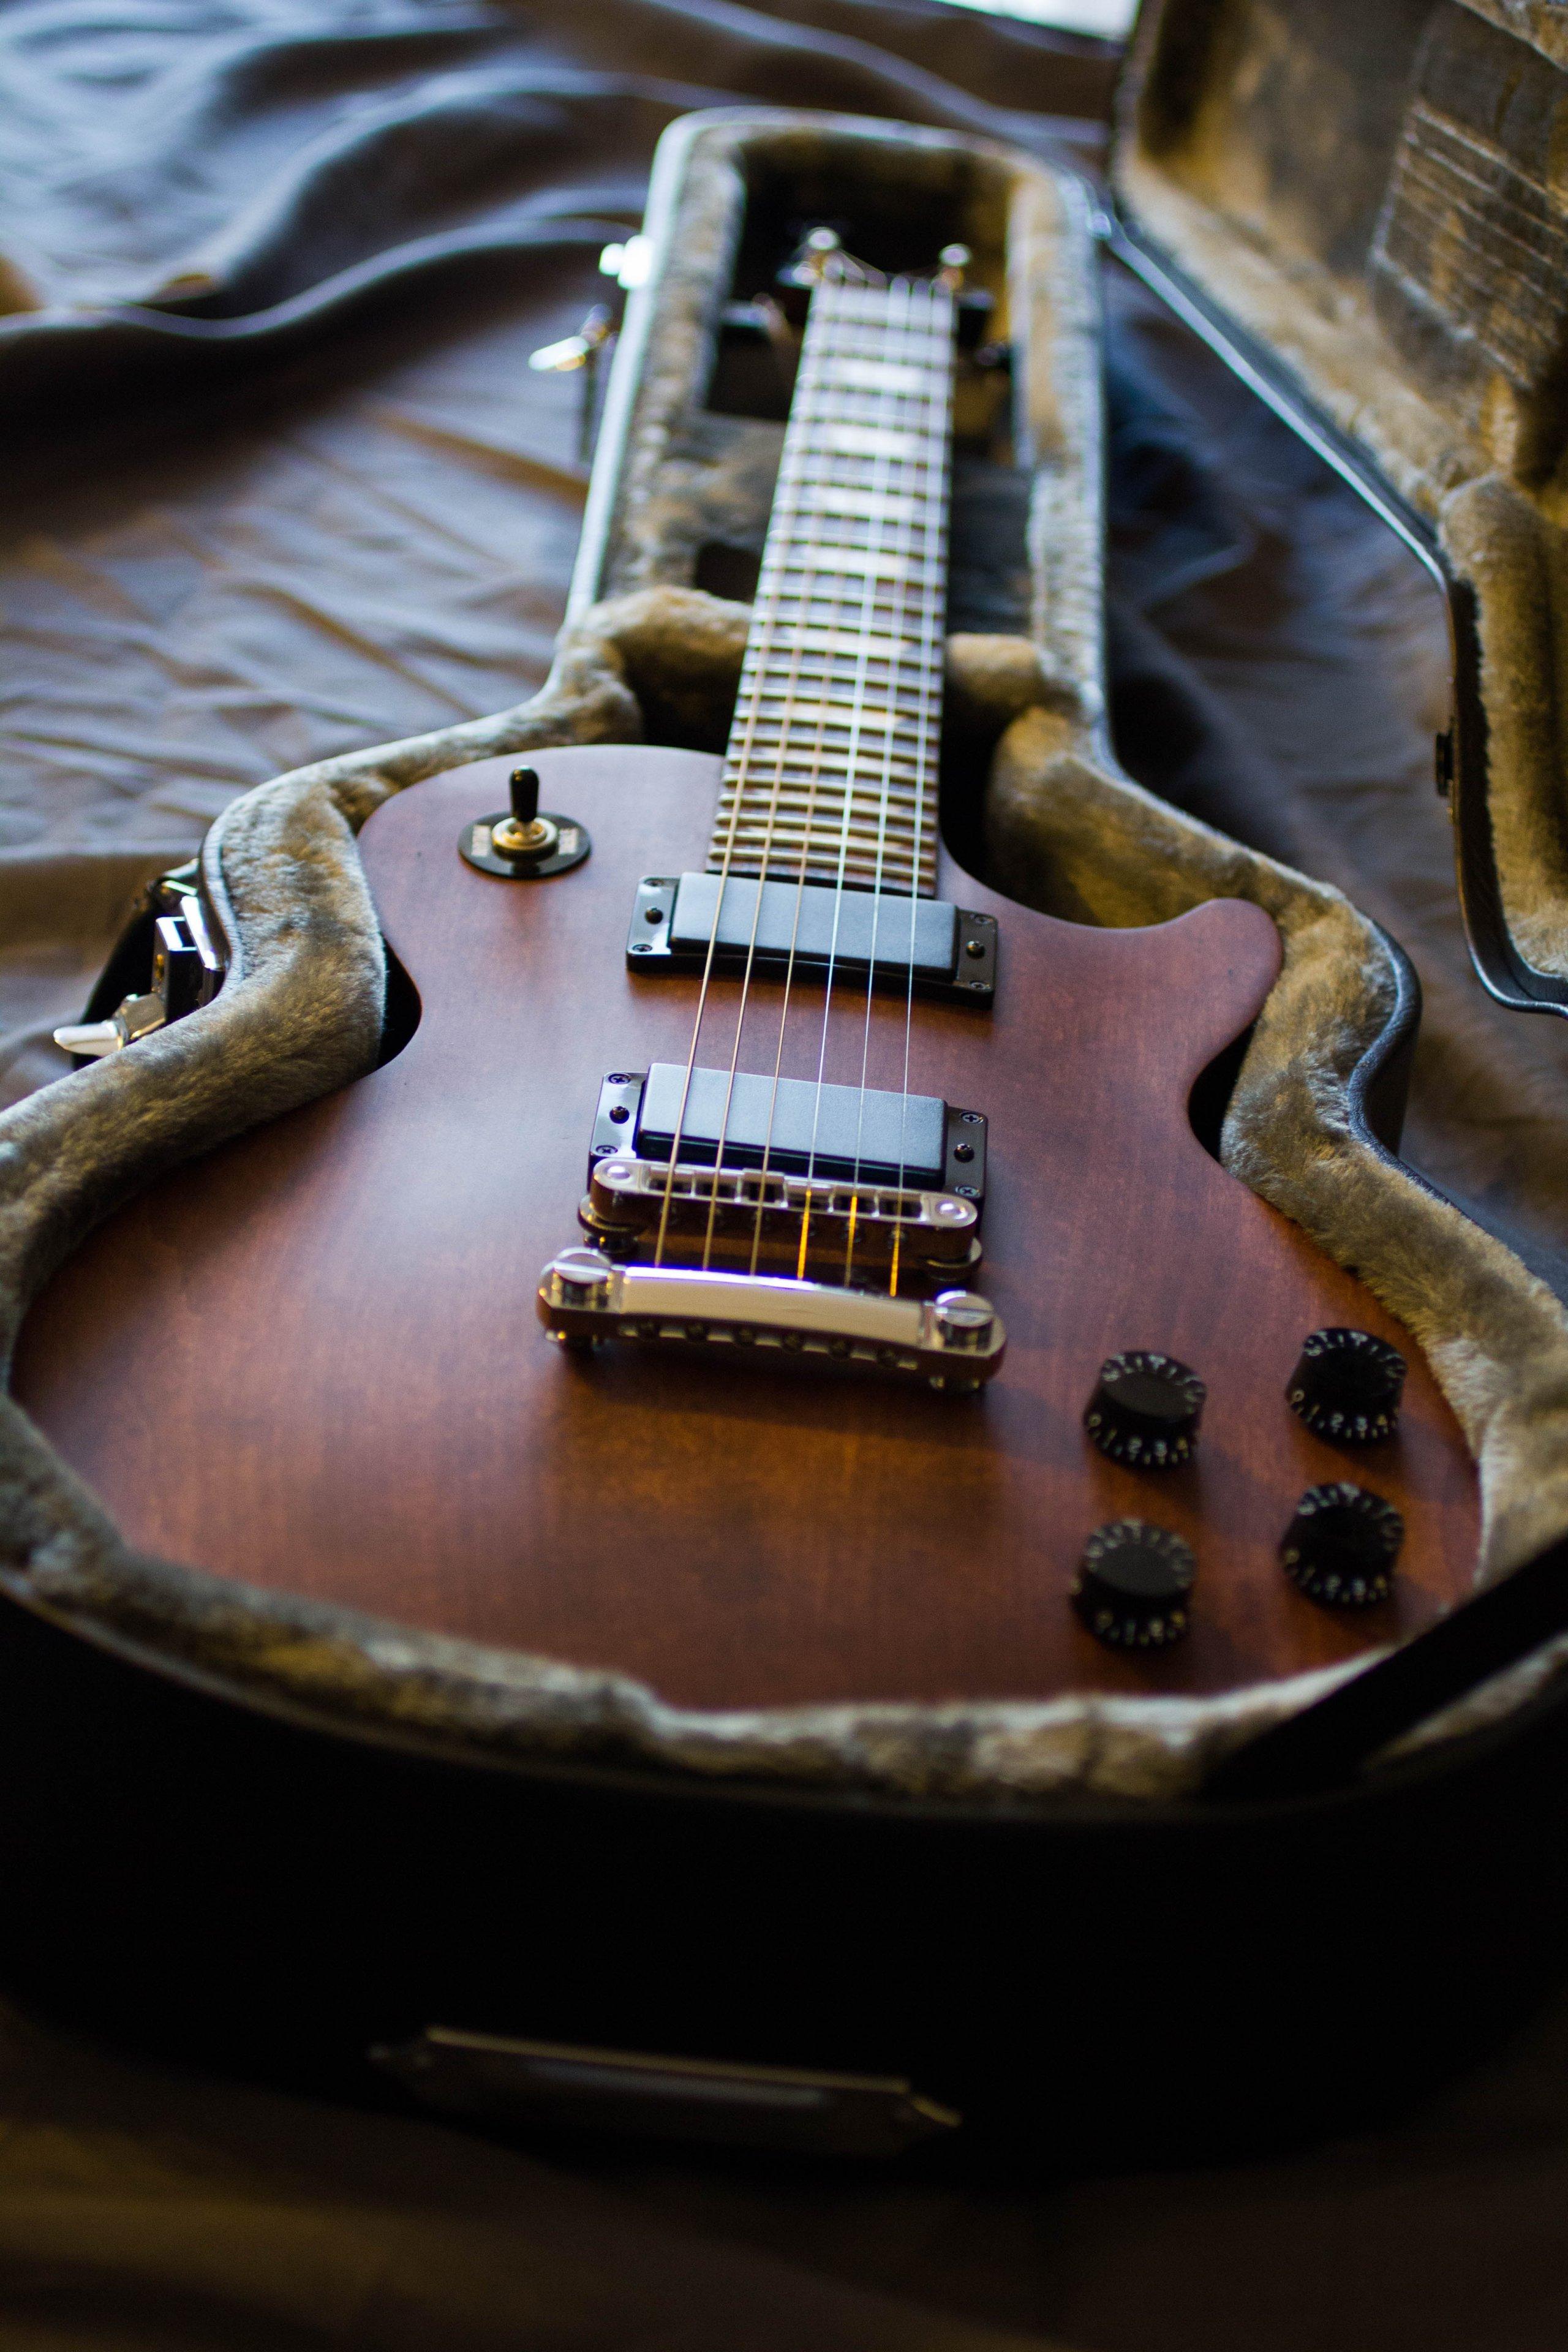 Accrocher Sa Guitare Au Mur Beau Photos Da topic De La Gratte 2 Les Infos Pour Les Noobs Dans Le Premier